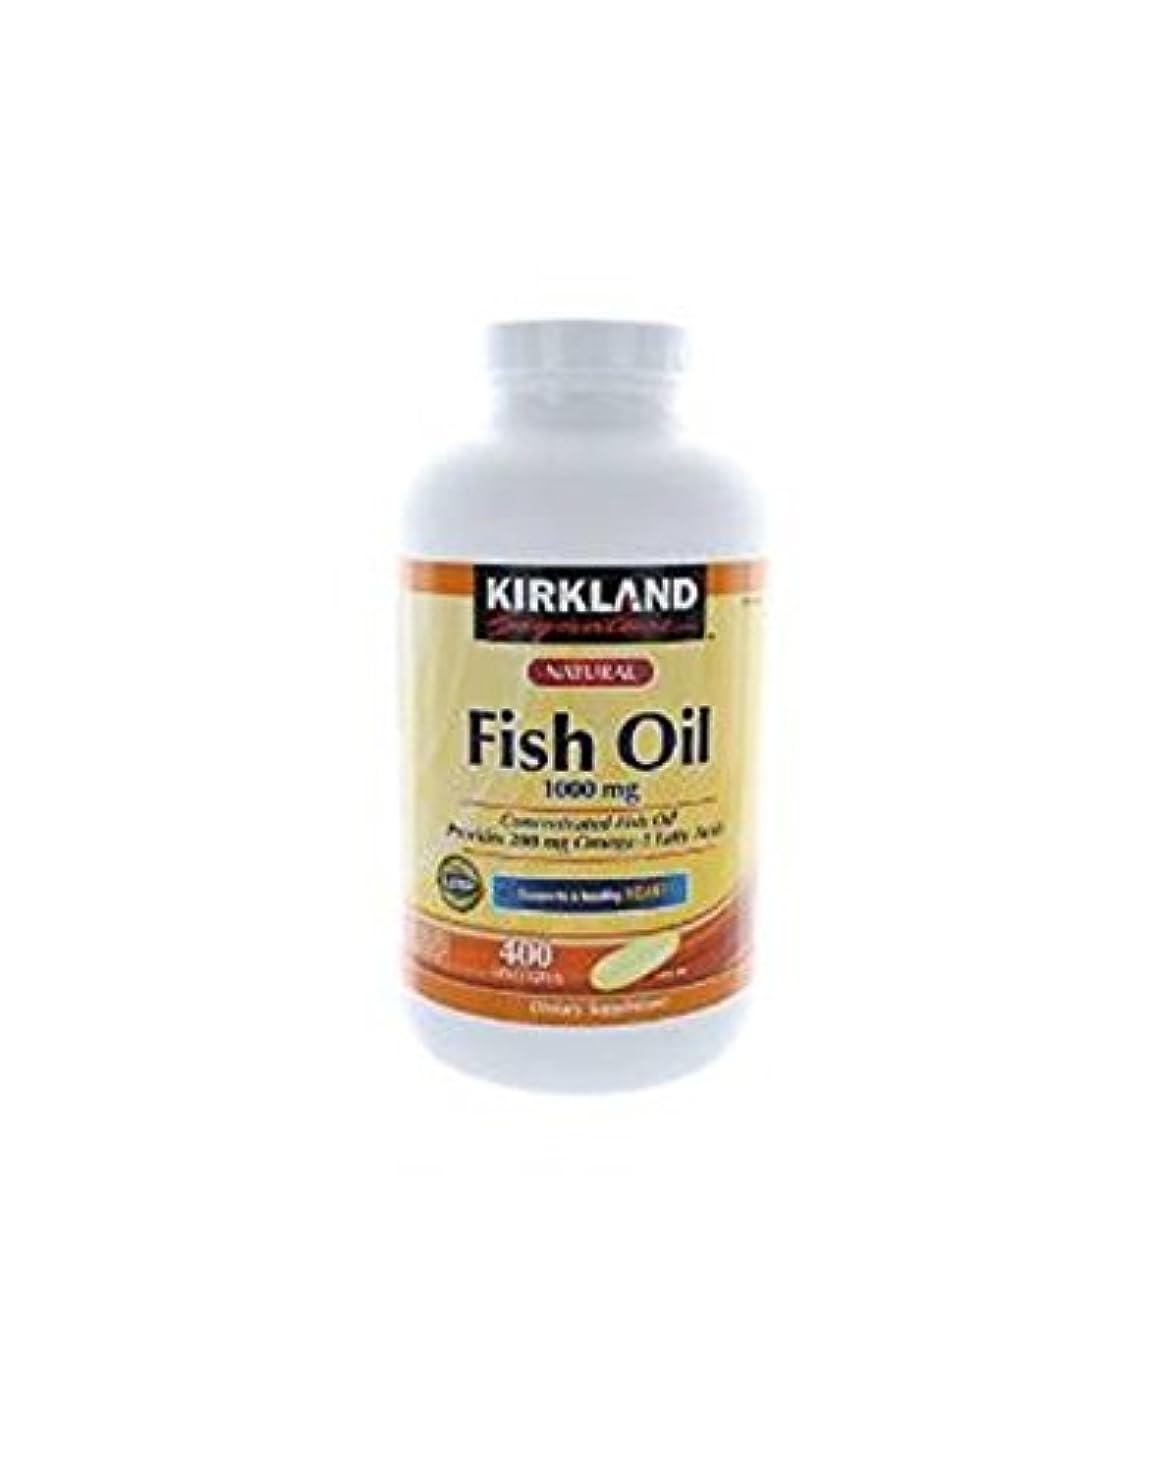 勤勉報告書続編Kirkland Signature Omega-3 Fish Oil Concentrate, 400 Softgels, 1000 mg Fish Oil with 30% Omega-3s (300 mg) 1200 Count Pack (j8kmh12) by Kirkland Signature